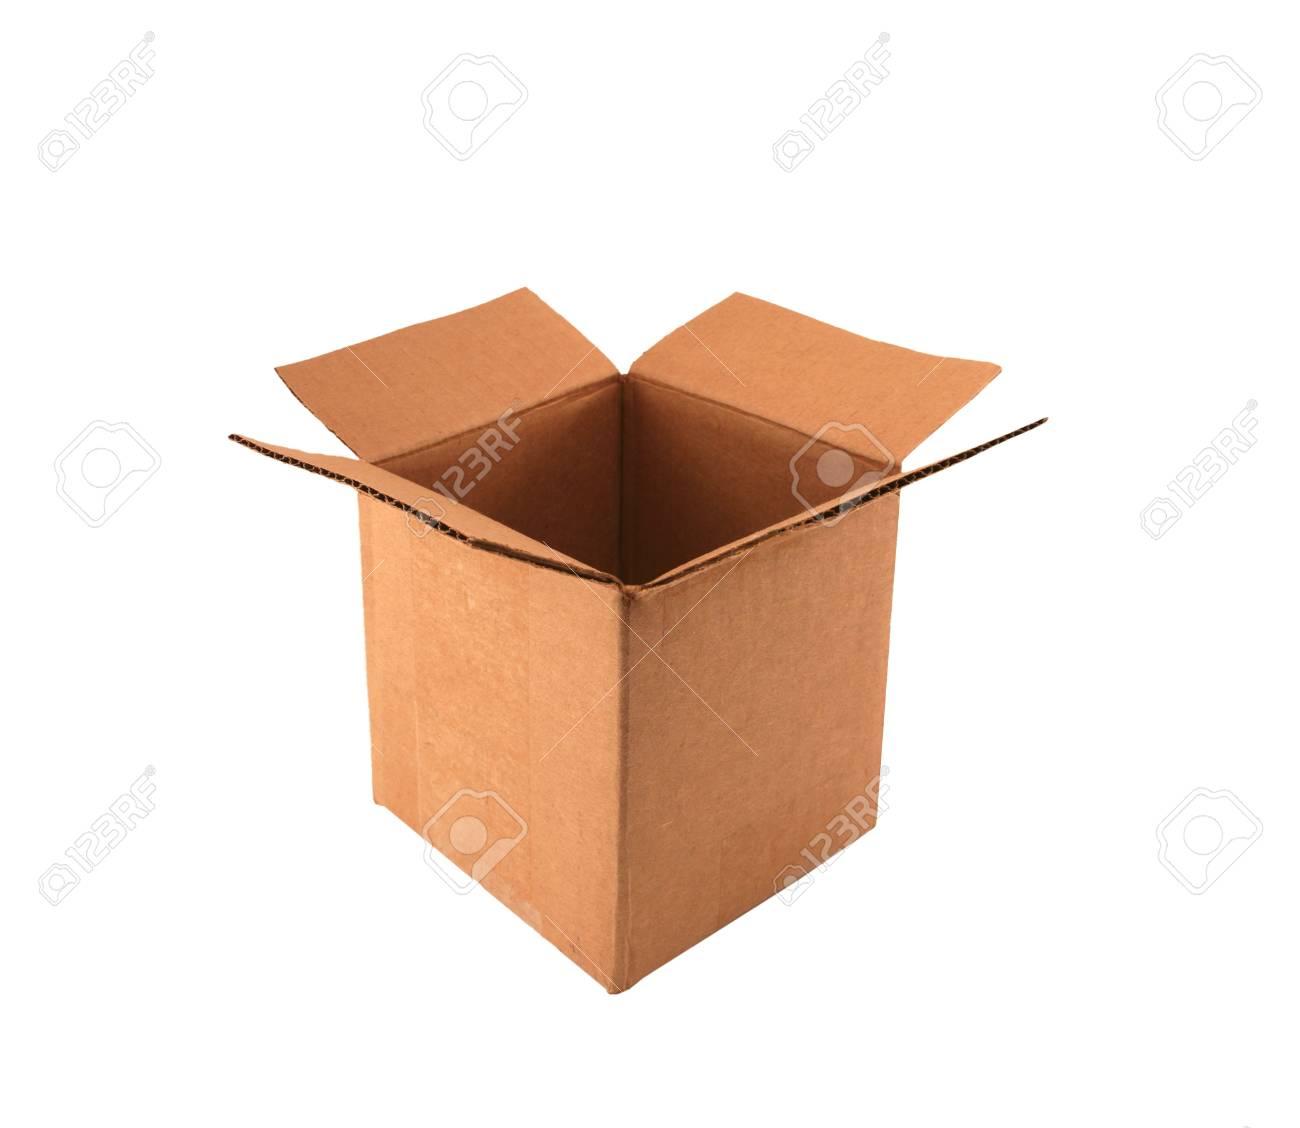 Un isolé boîte vide en carton ouvert